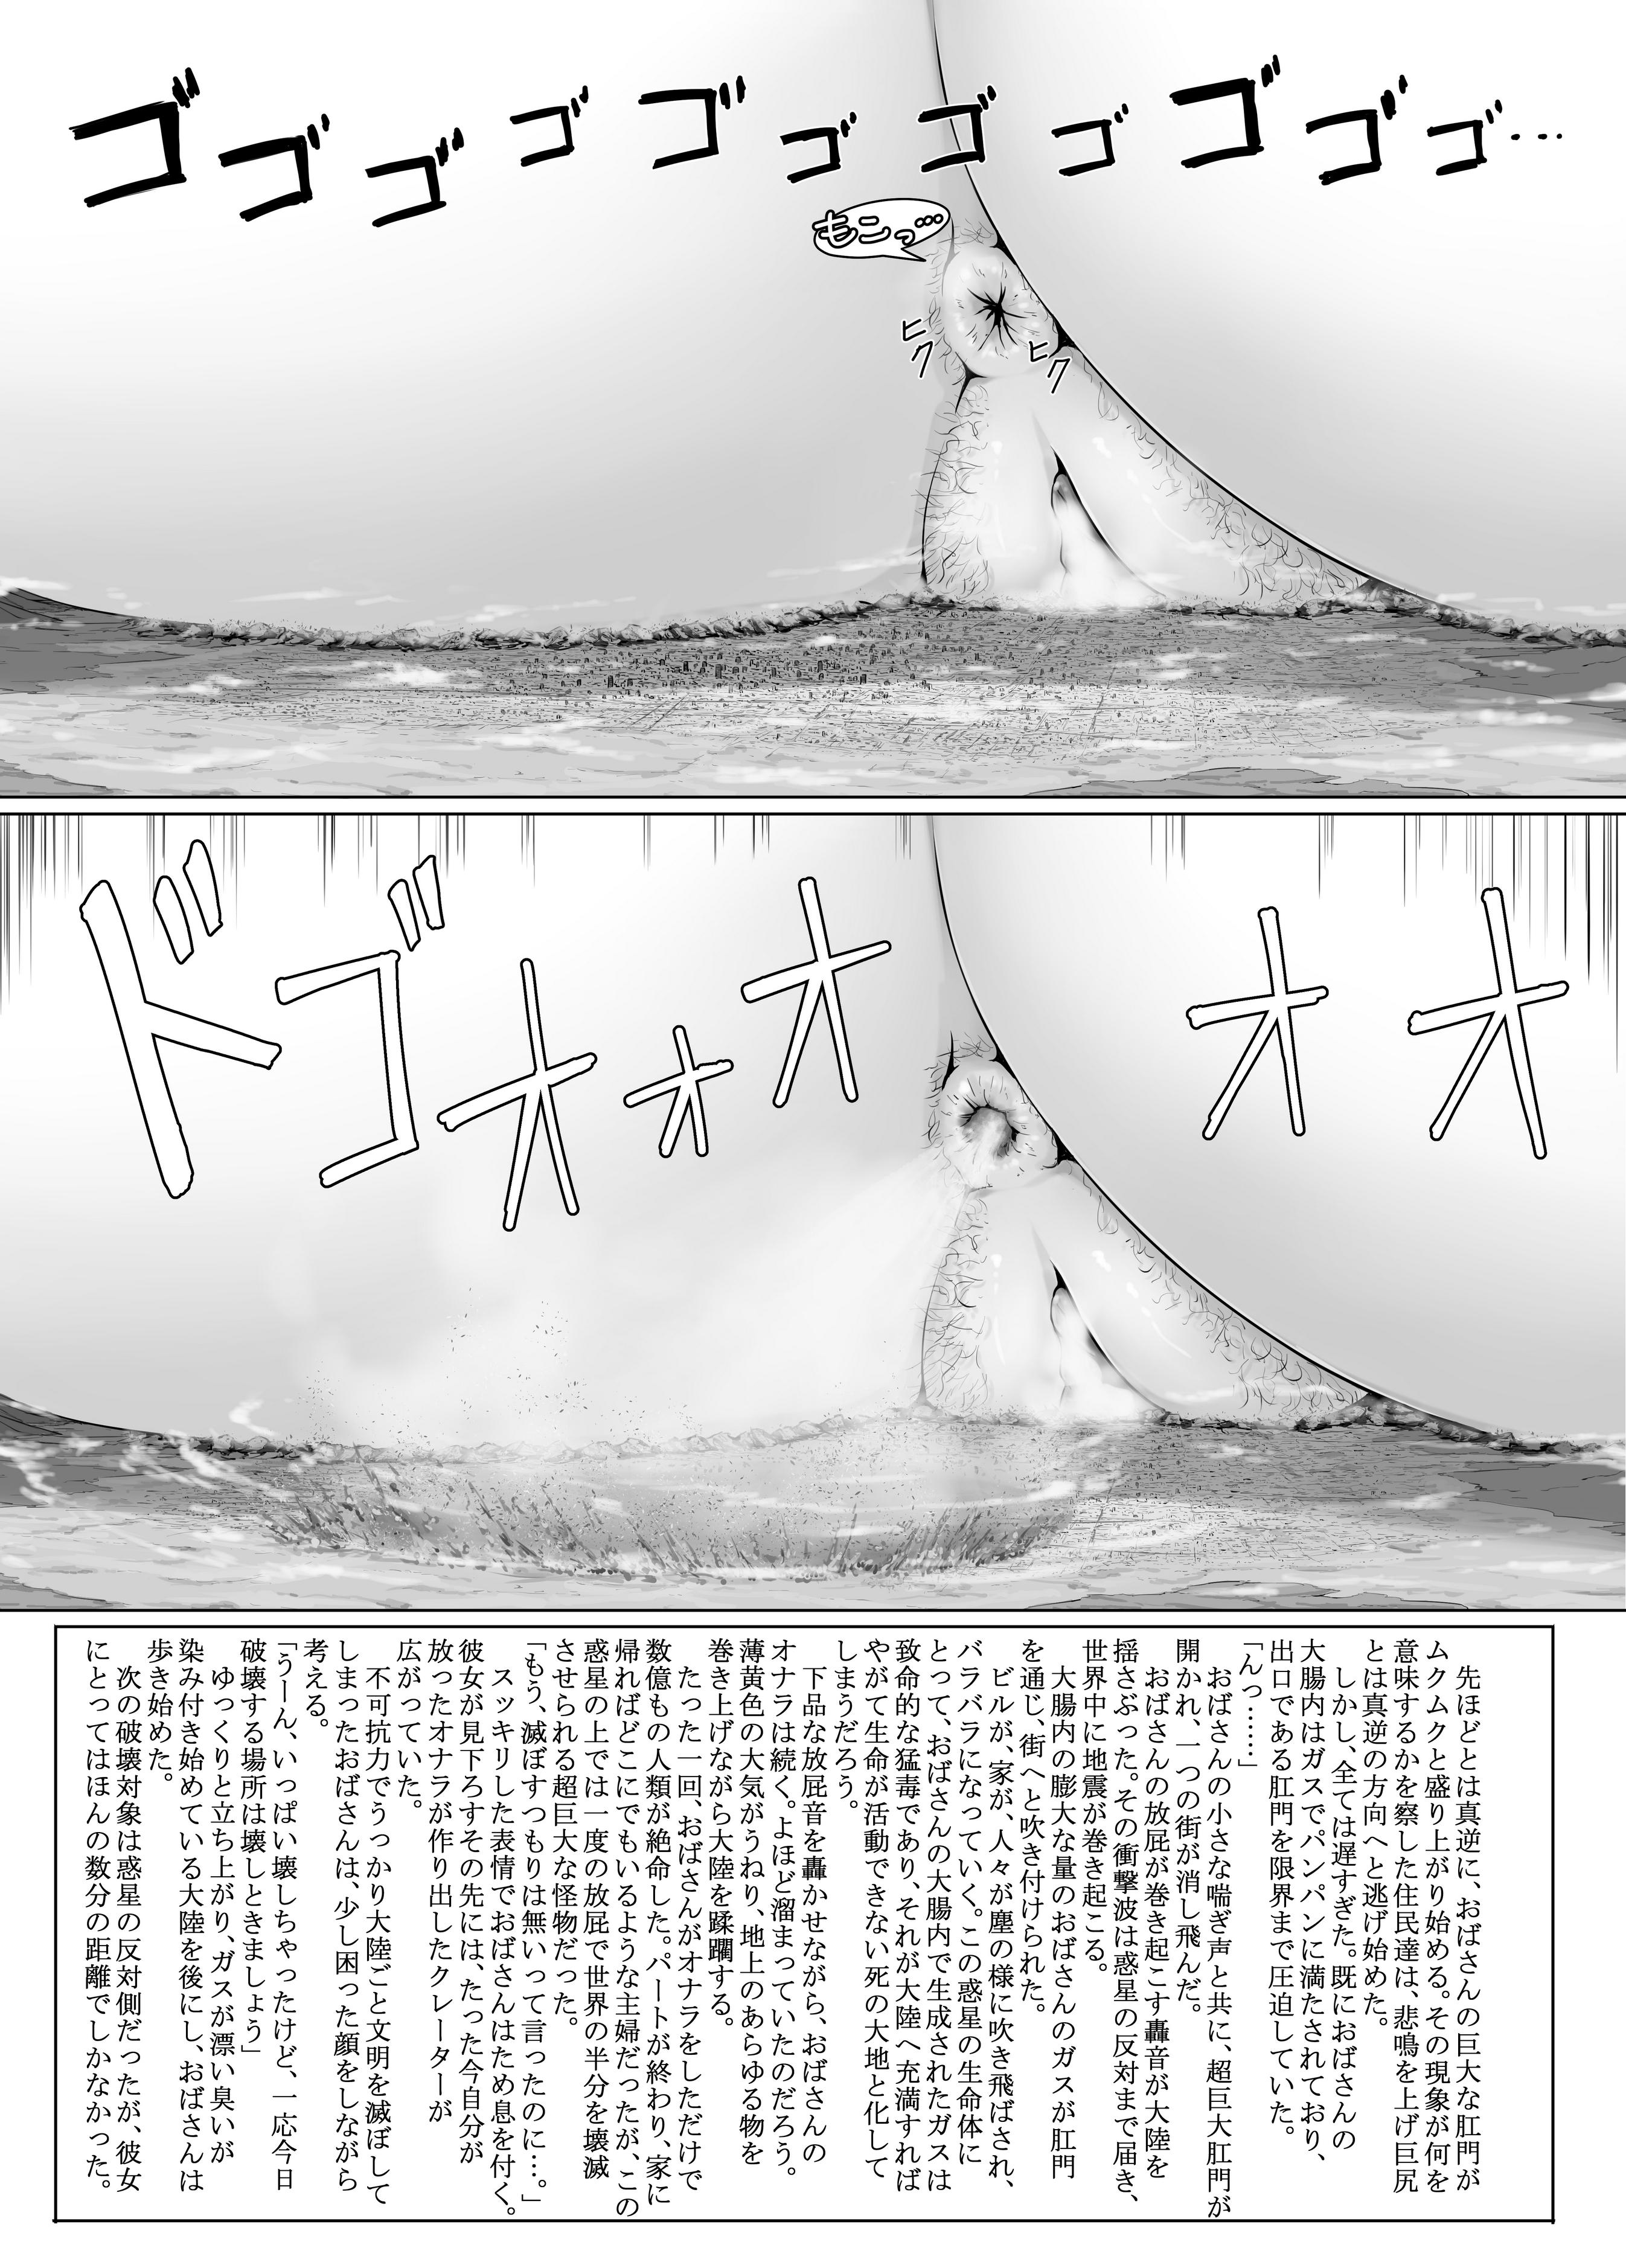 【エロ漫画】アラサー主婦襲来!パートで超ミニチュアサイズの街を爆乳とマンコで破壊、オナニーの道具にwww【無料 エロ同人誌】 (10)